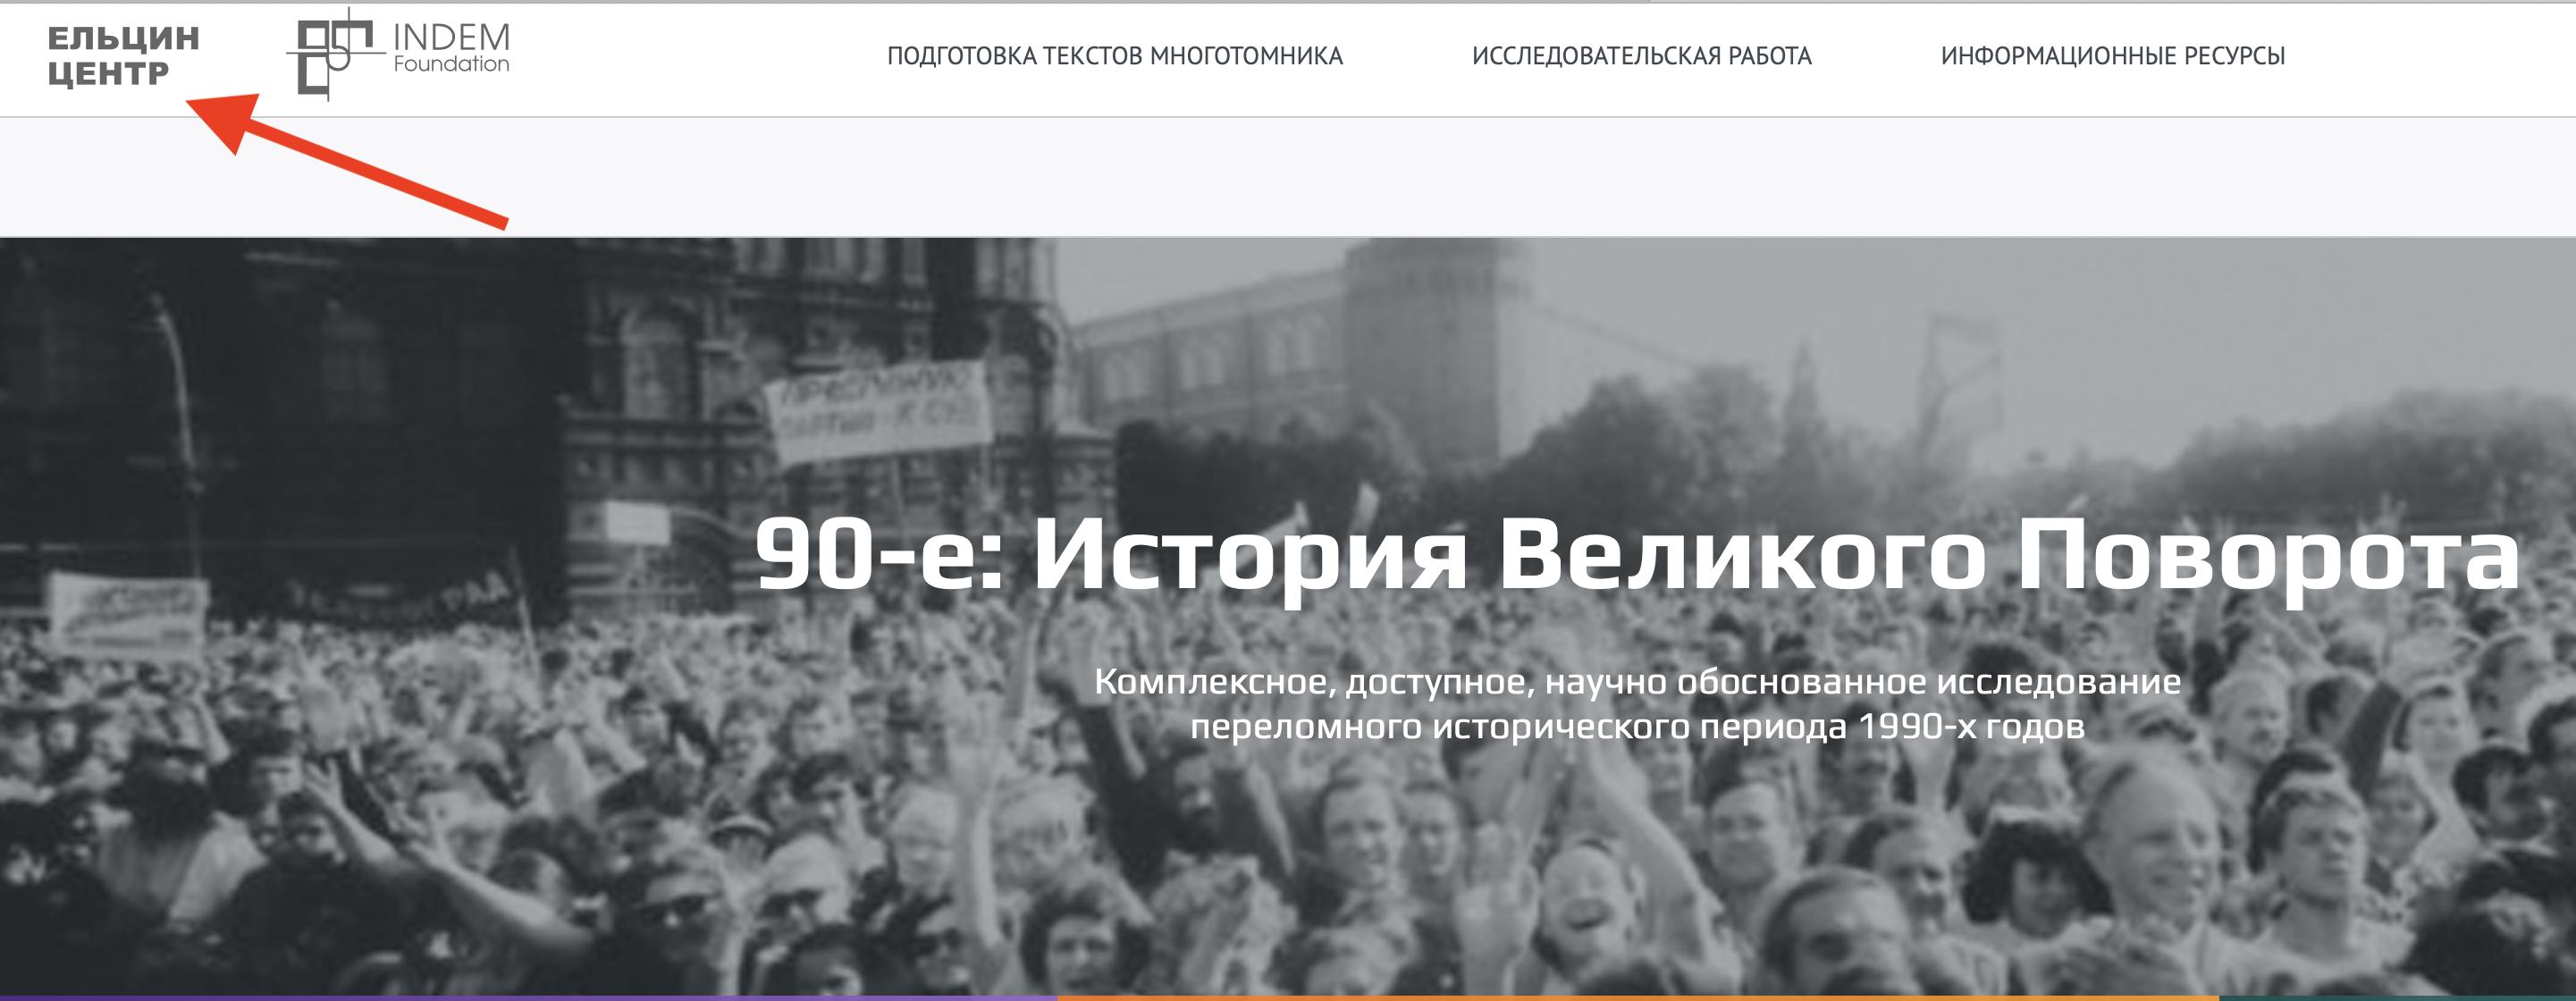 """Ельцин-центр будет развивать у россиян любовь к """"святым 90-м"""""""